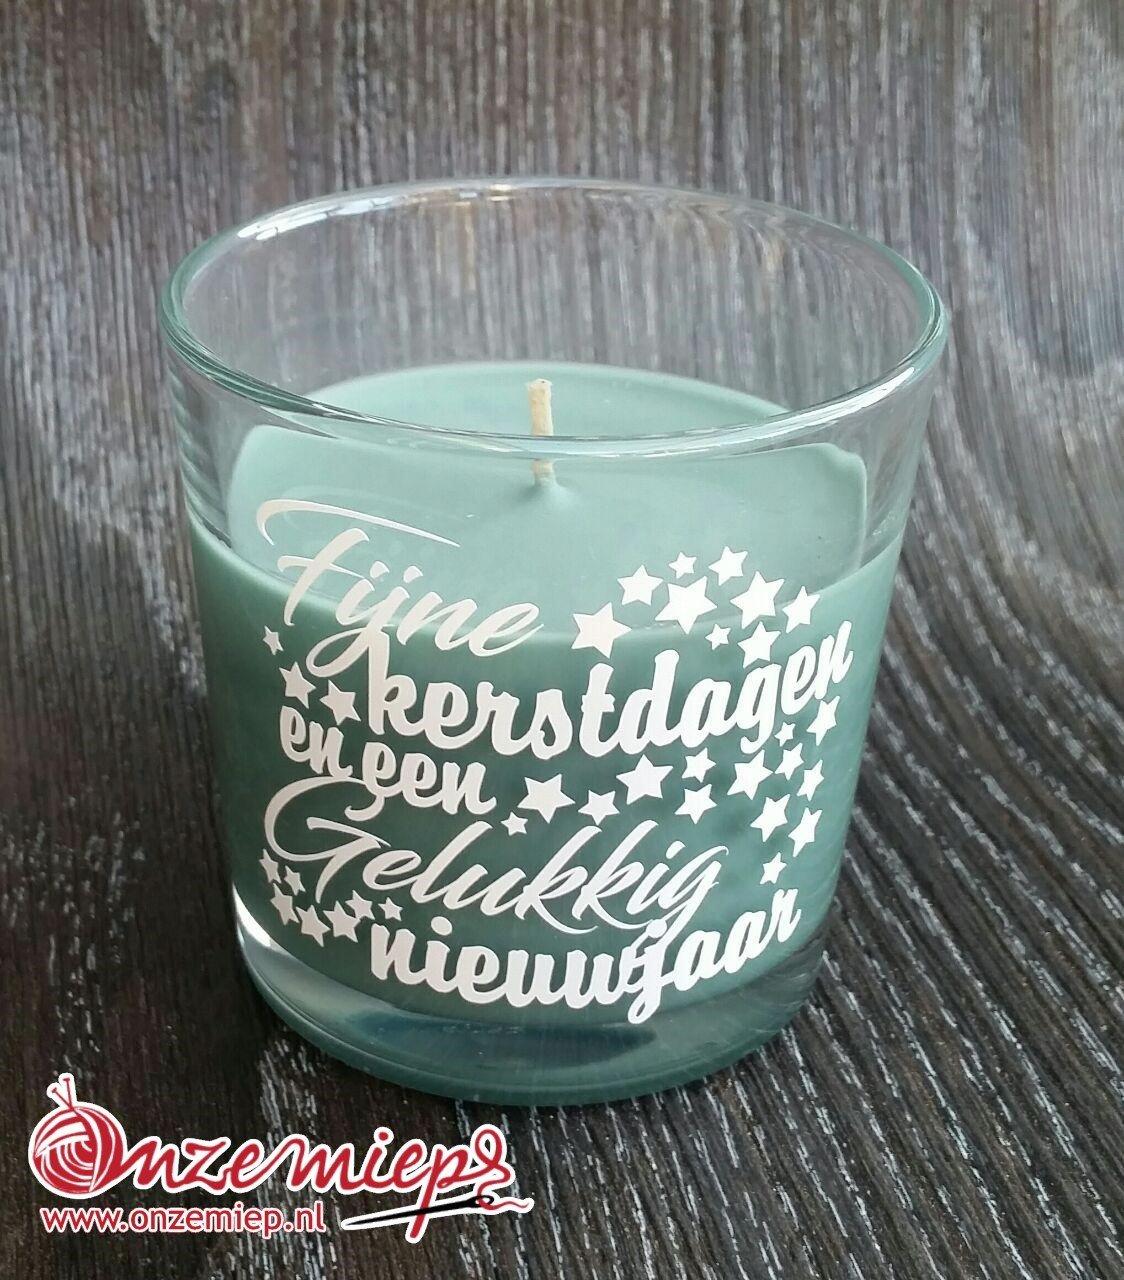 """Groene geurkaars met de tekst """"Fijne kerstdagen en een gelukkig nieuwjaar"""""""